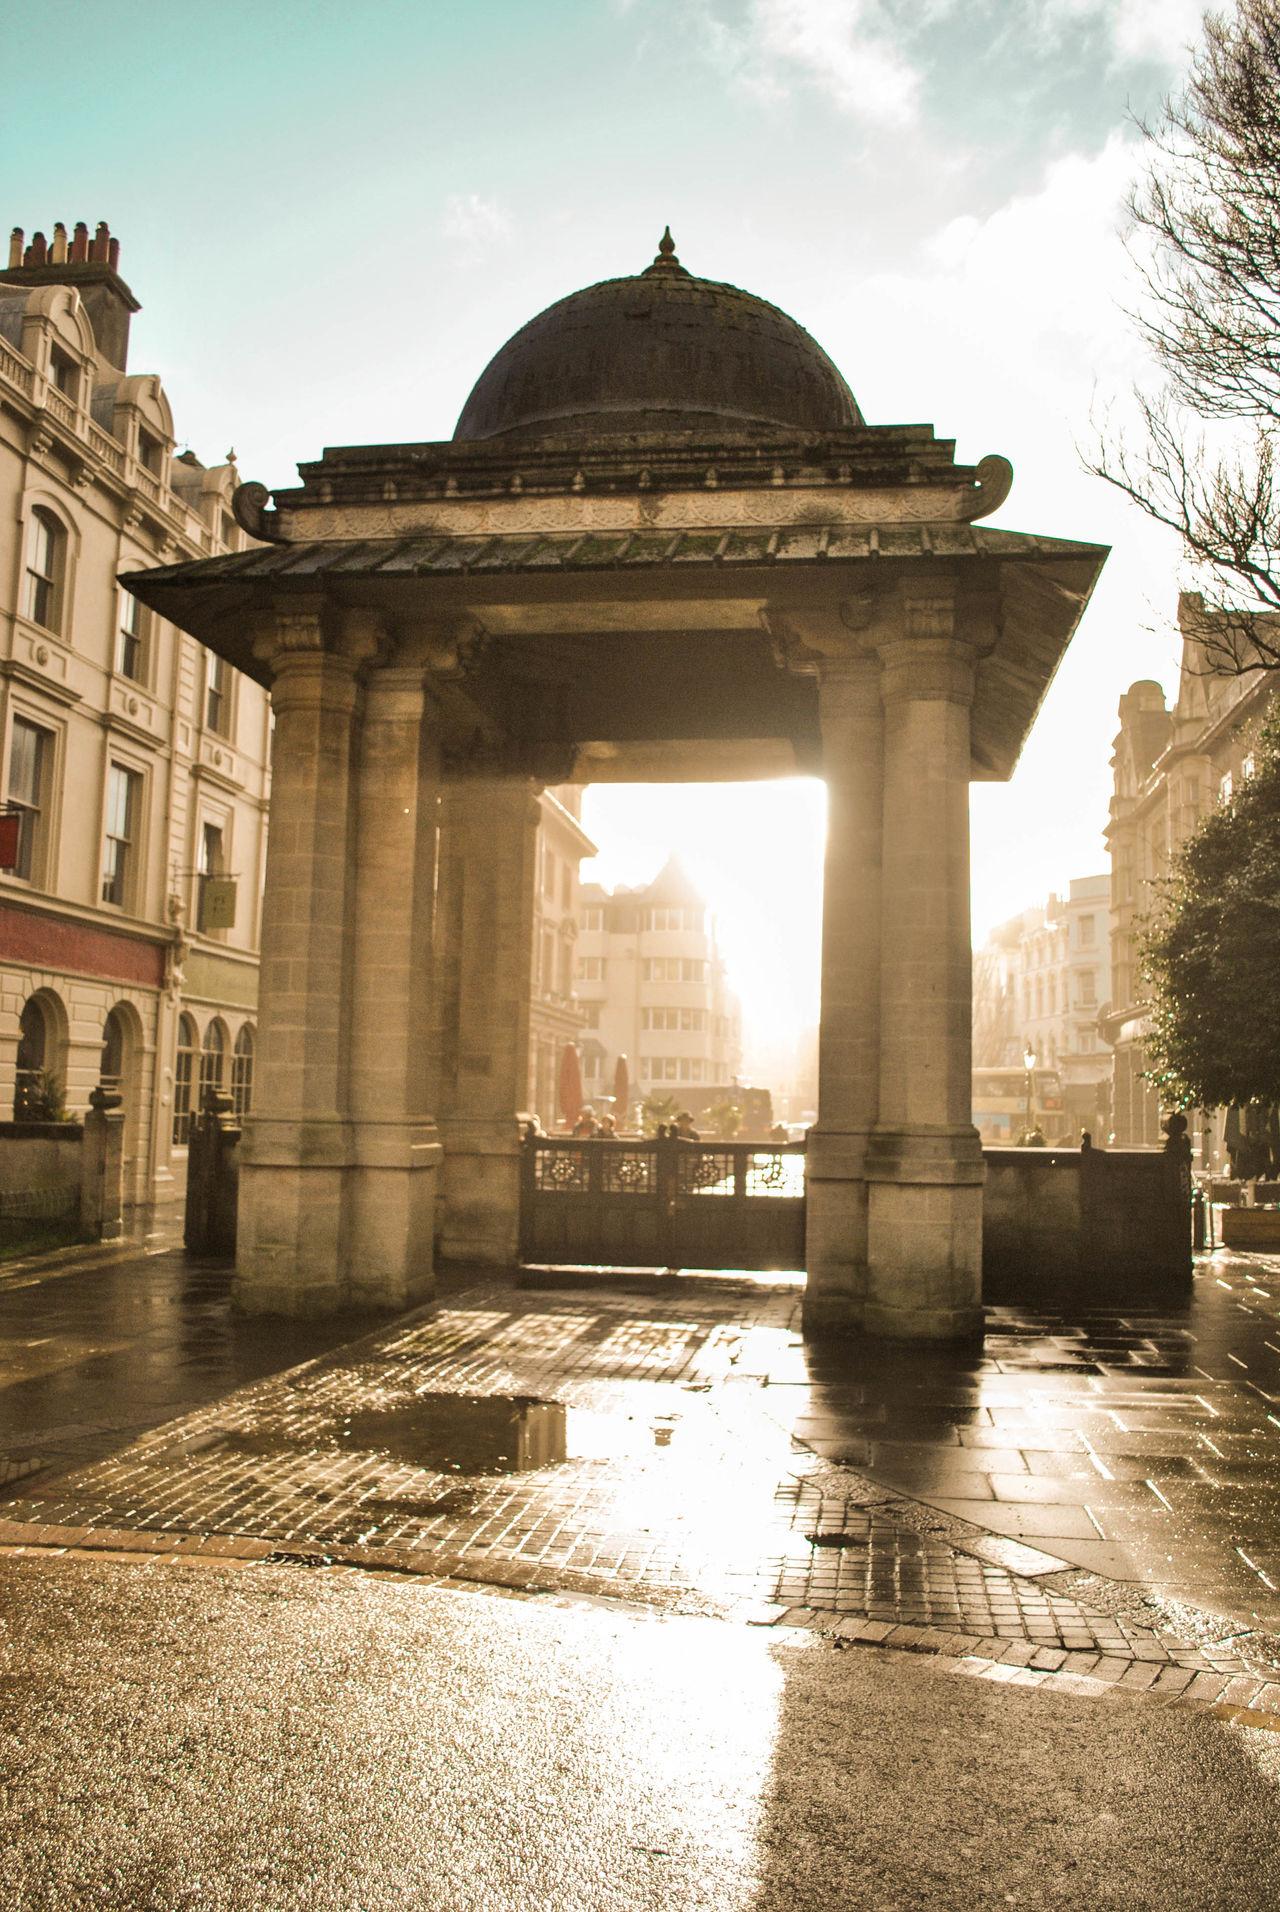 Brighton England Great Britain Großbritannien Uk United Kingdom Wet Day Nach Ein Regen Kommt Ein Sonnen Baba Tag 🙏🏼 Typical Day Typical England After The Rain Sunlight Sun Is Always Shining